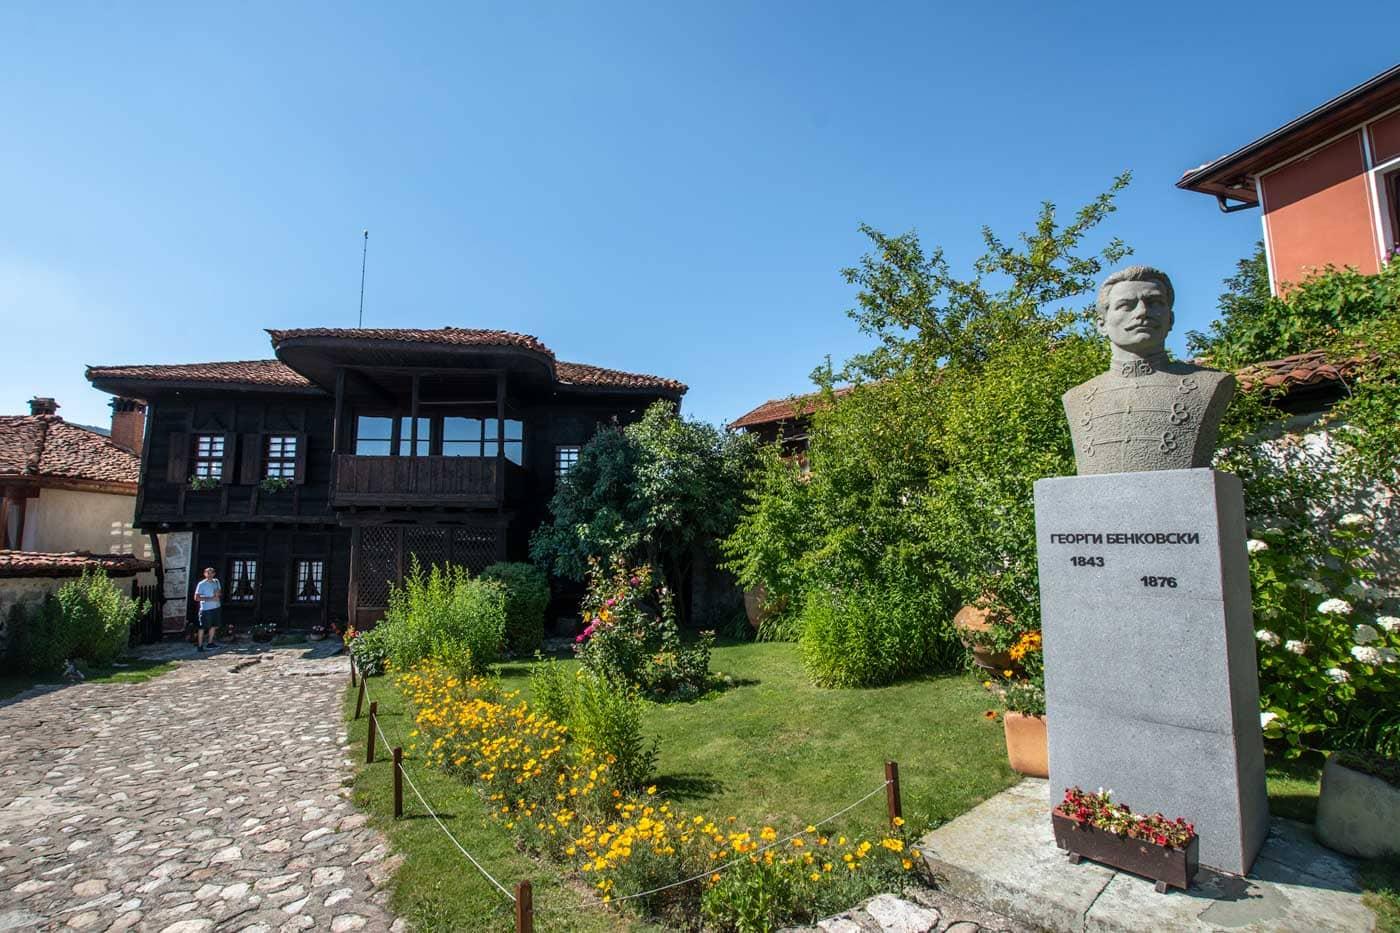 what to see in koprivshtitsa - benkovski house